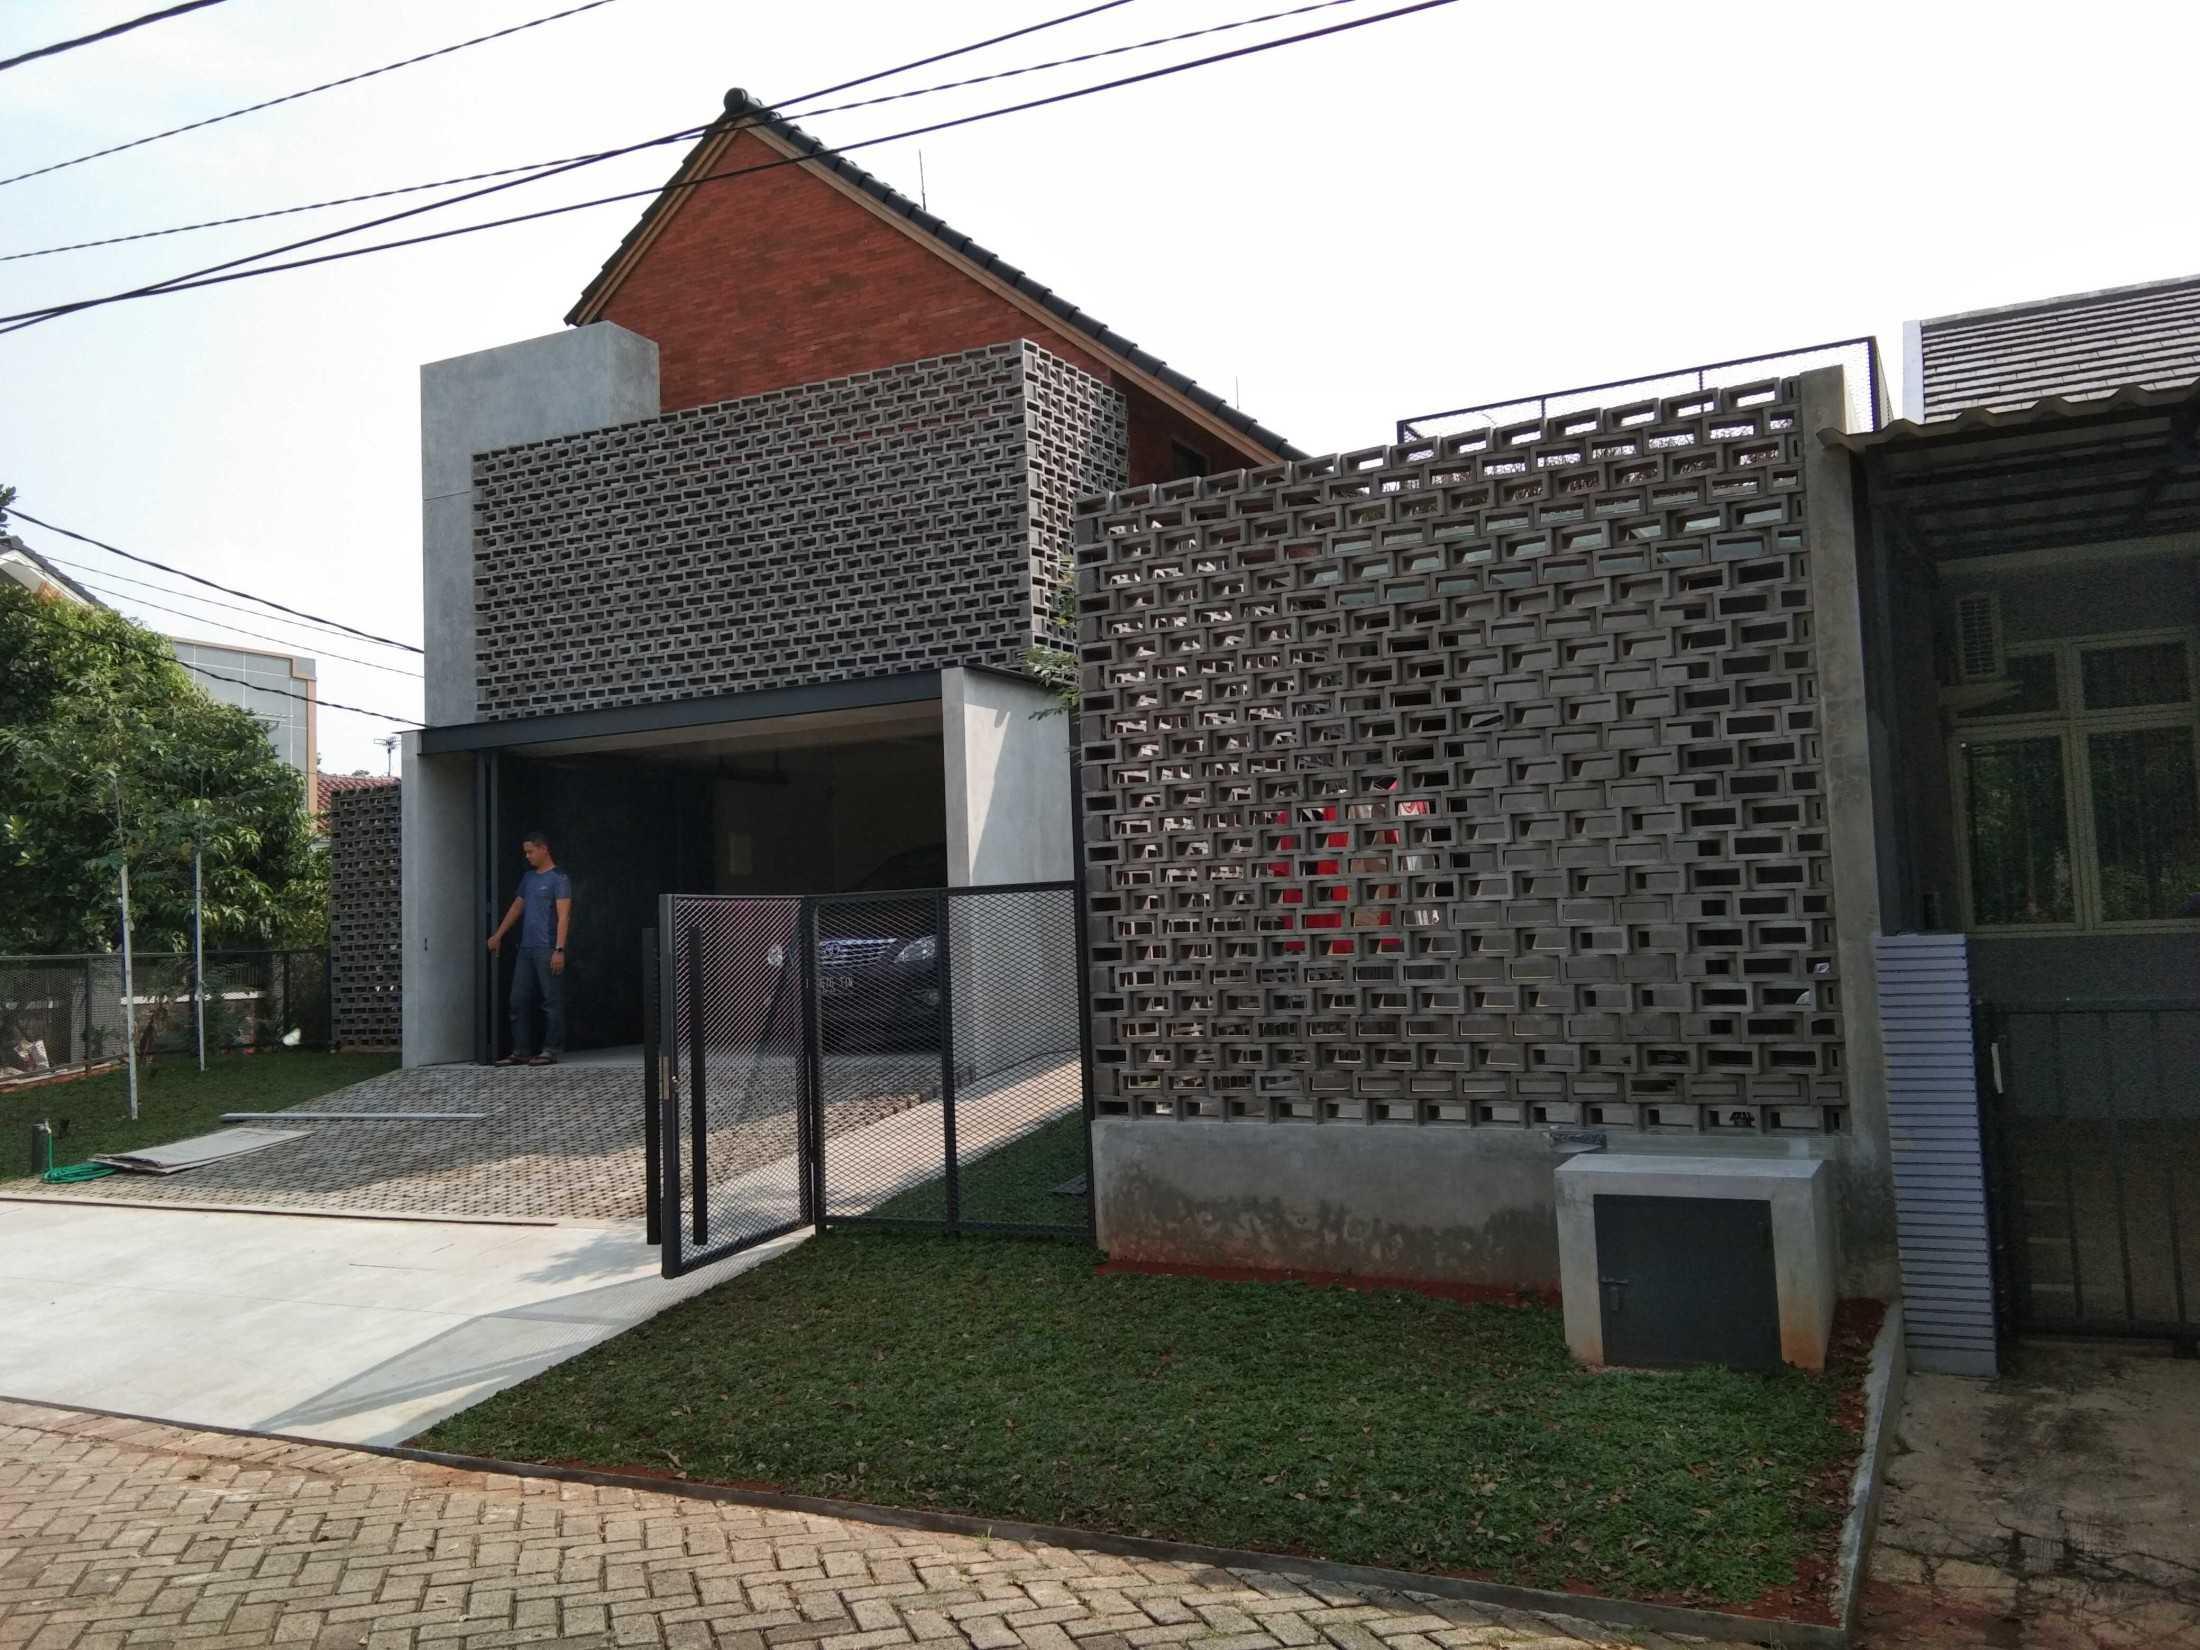 Slamet Kontraktor Rumah Tinggal Eth Kec. Karawaci, Kota Tangerang, Banten, Indonesia Kec. Karawaci, Kota Tangerang, Banten, Indonesia Slamet-Kontraktor-Rumah-Tinggal-Eth  128767